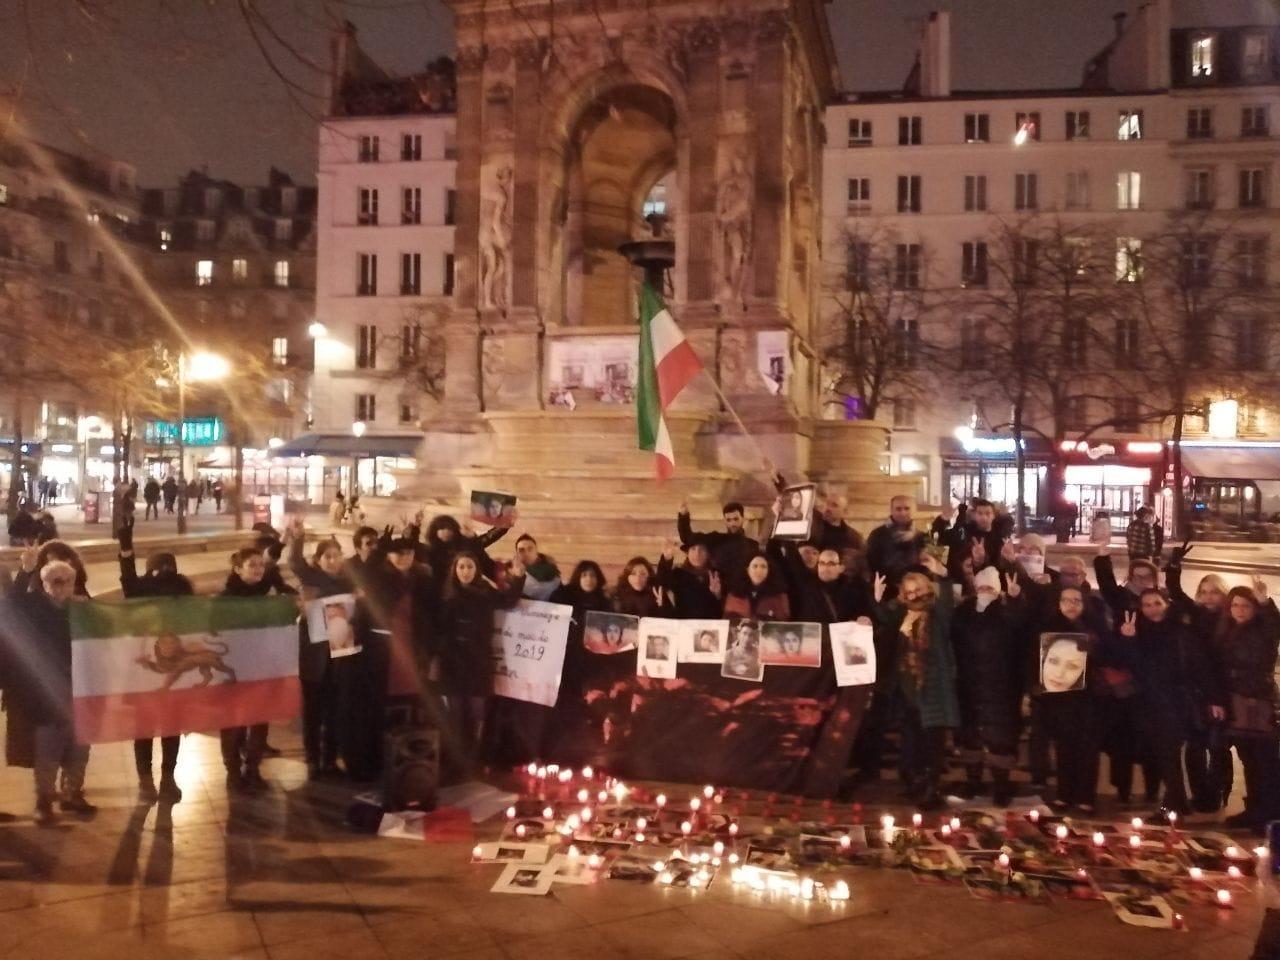 سخنرانی فرهنگ قاسمی در میدان بیگناهان پاریس در دفاع از بیگناهان کشته شده، زندانی و مفقود شده در آبانماه در ایران